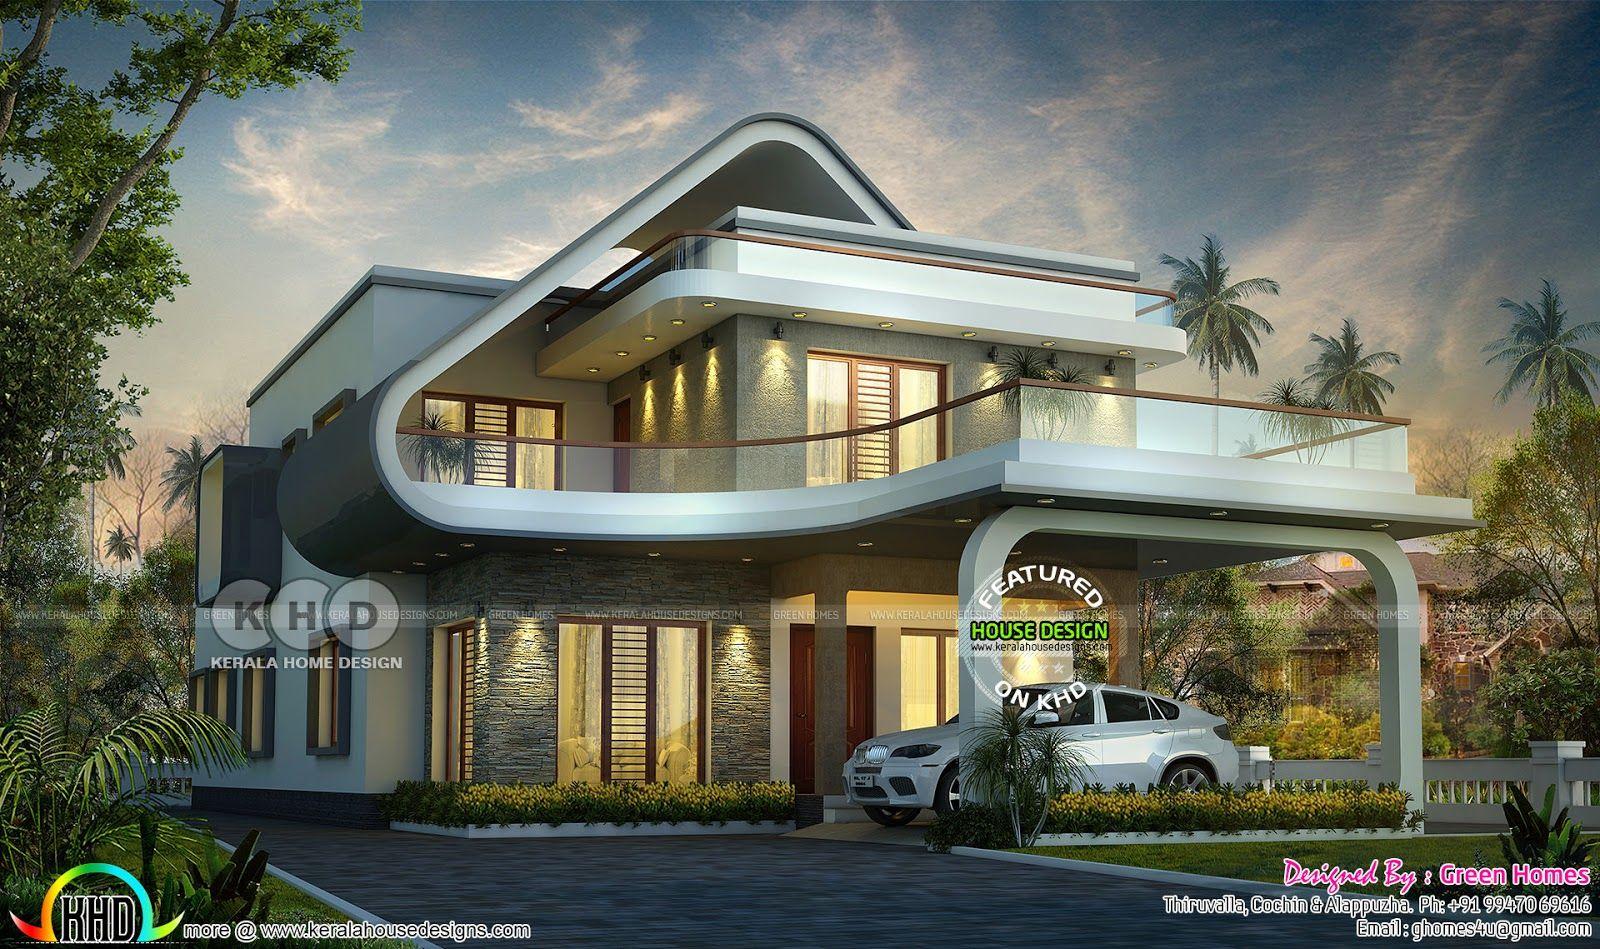 Unique And Stylish Flowing Design Home Unique House Plans